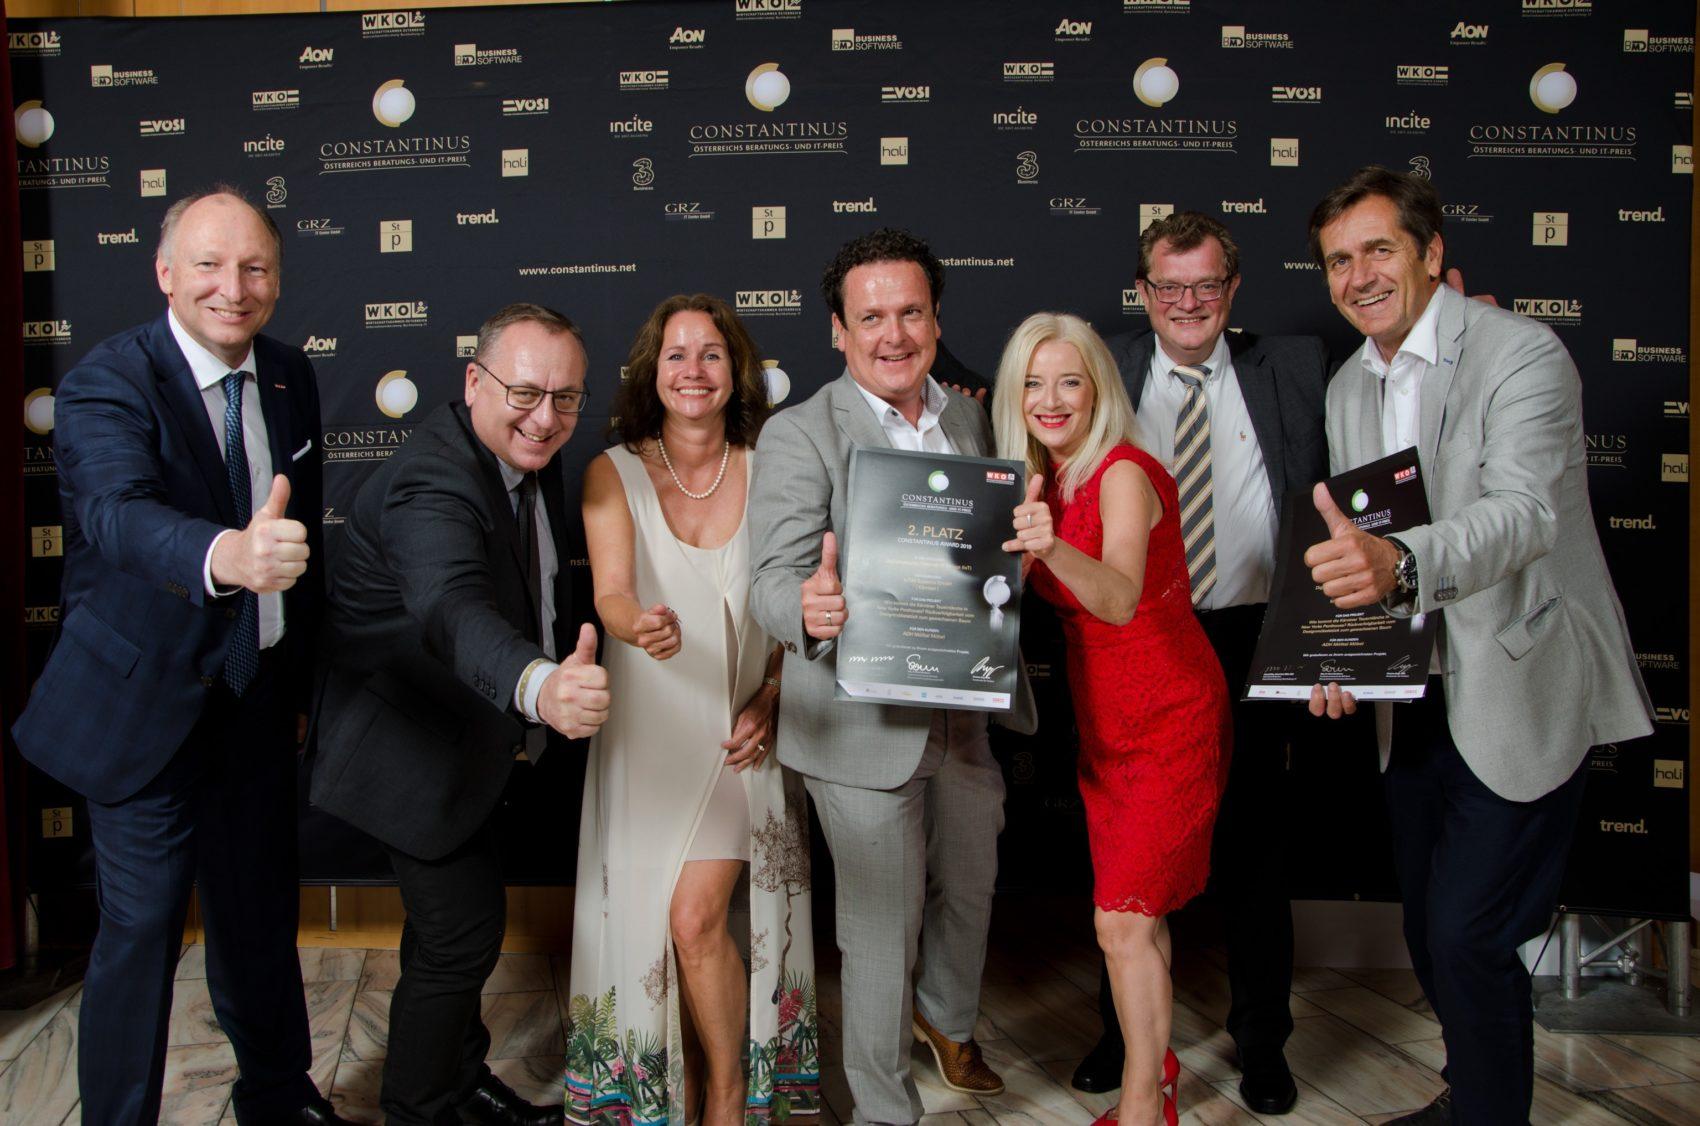 ADH Mölltal Möbel und IoT40 Systems gewinnt den 2. Platz beim Constantinus 2019!